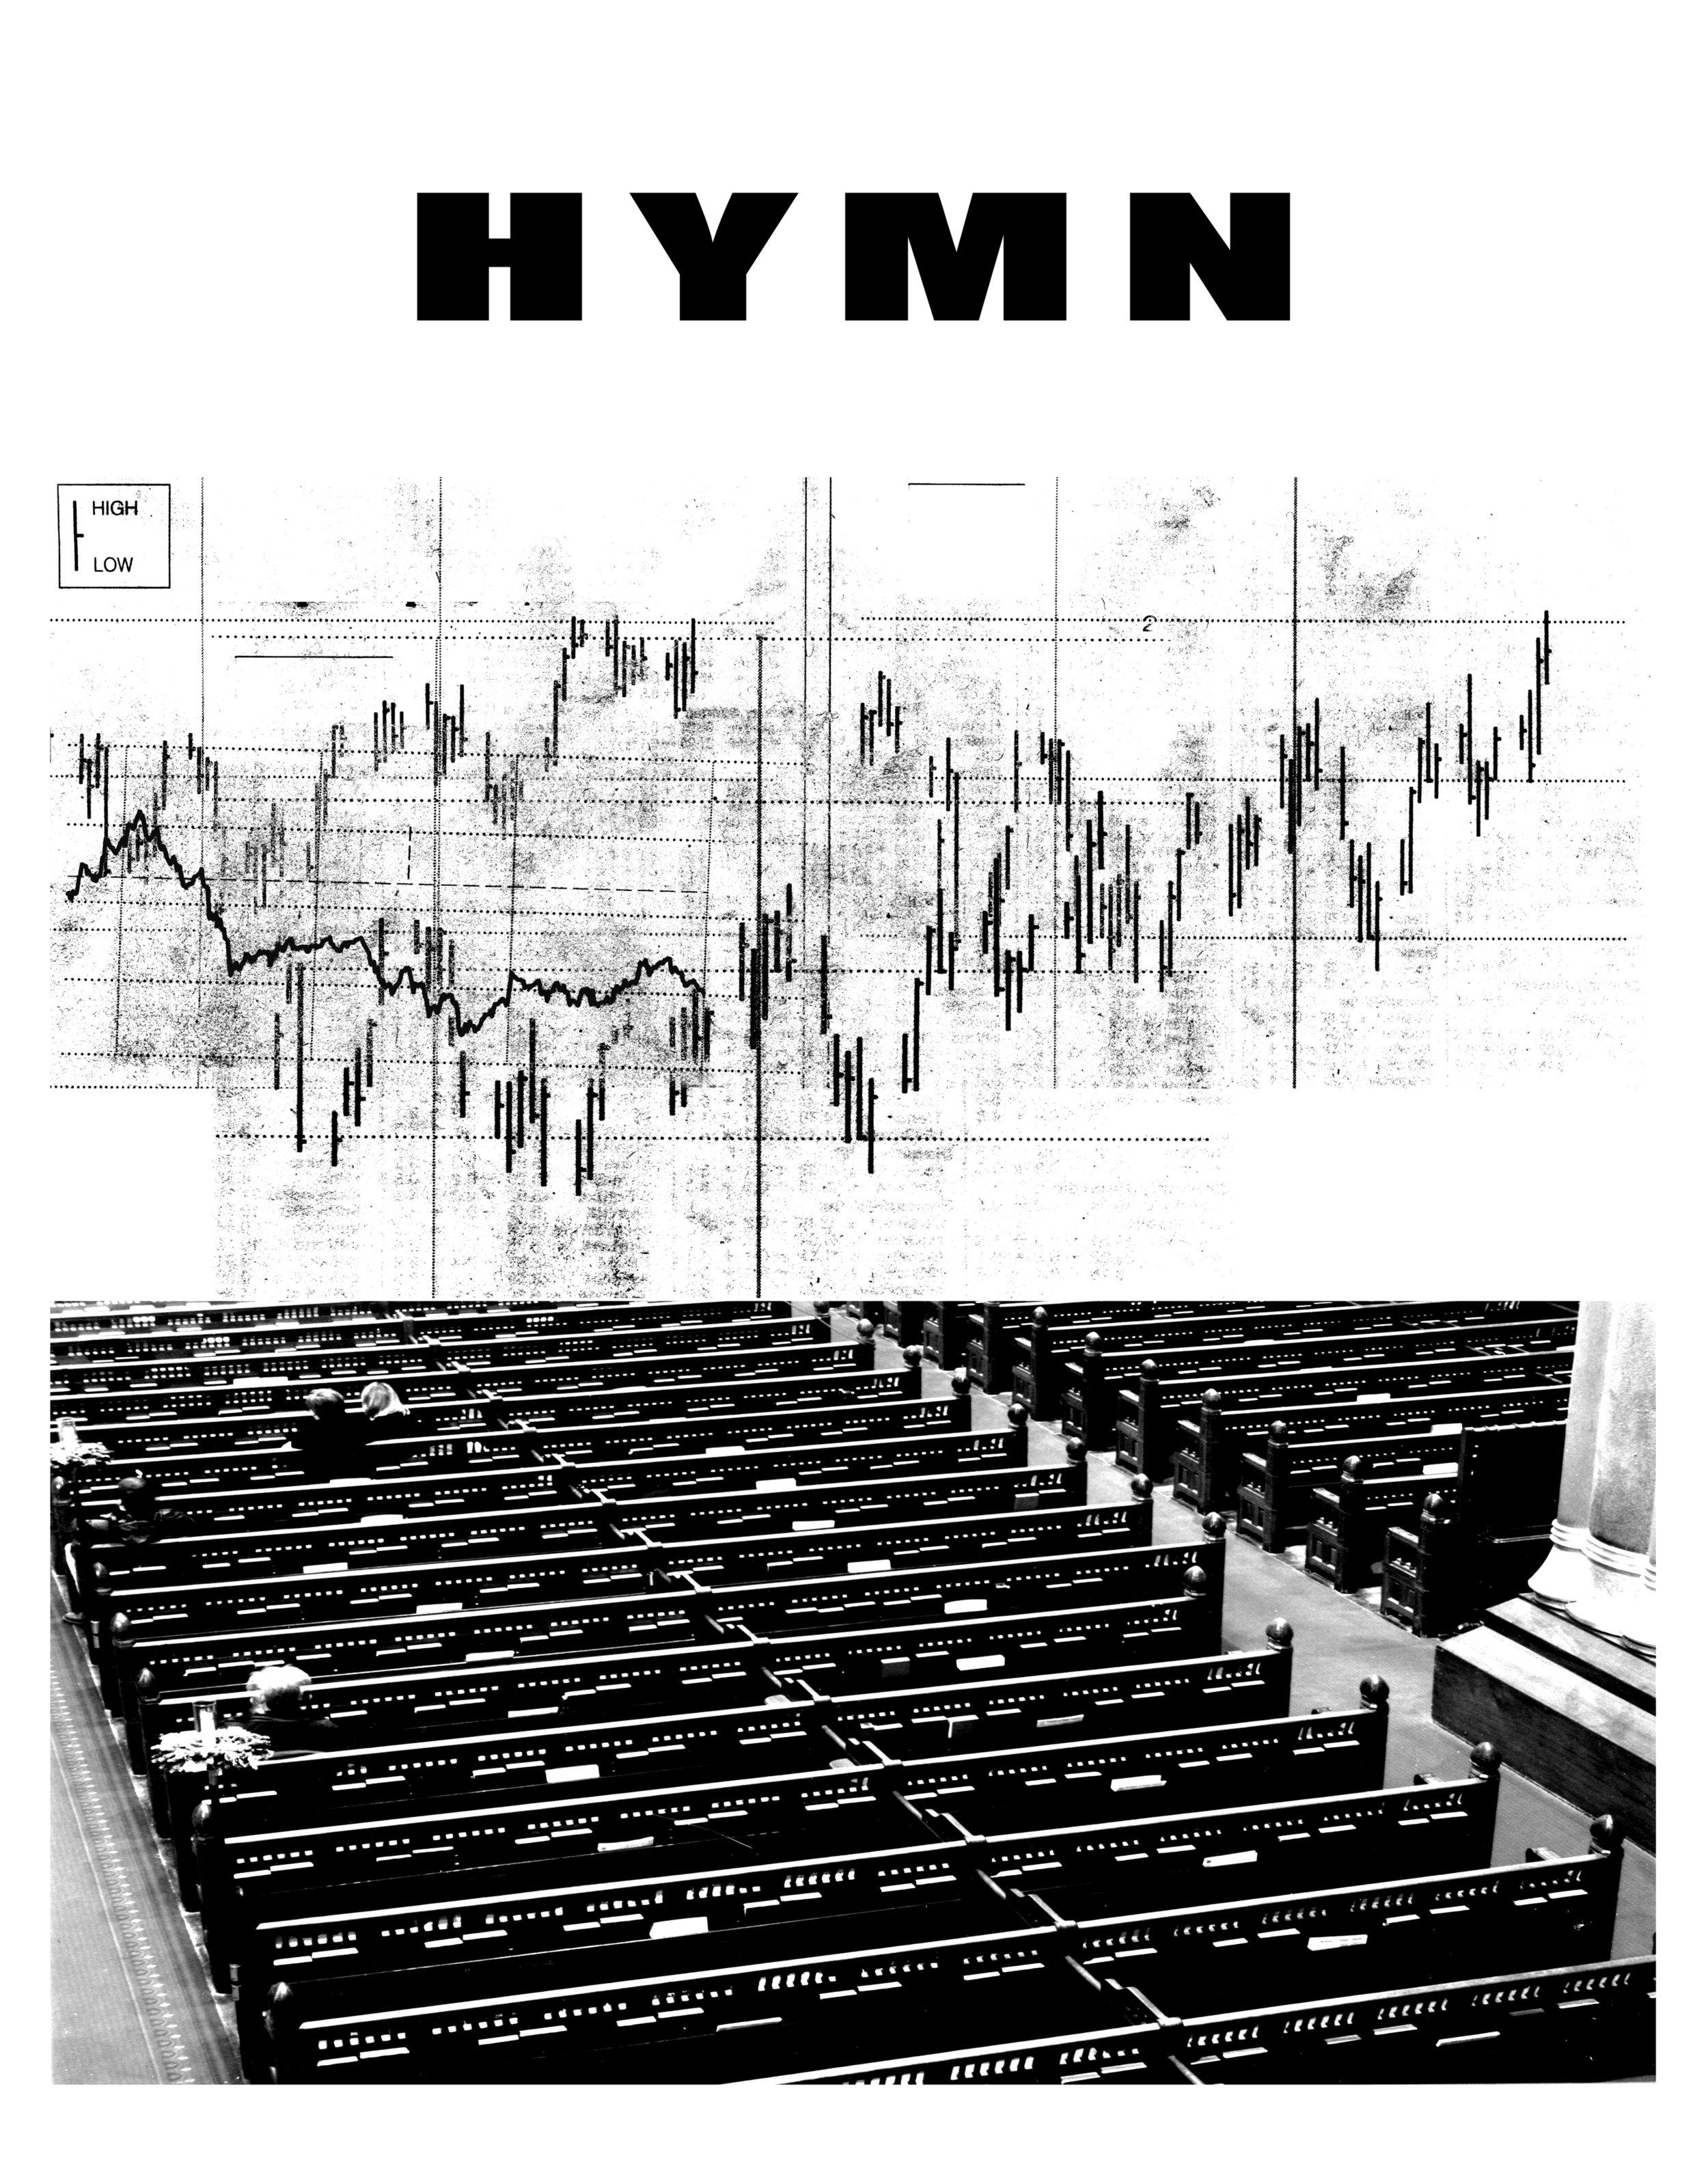 Hymn - 2006